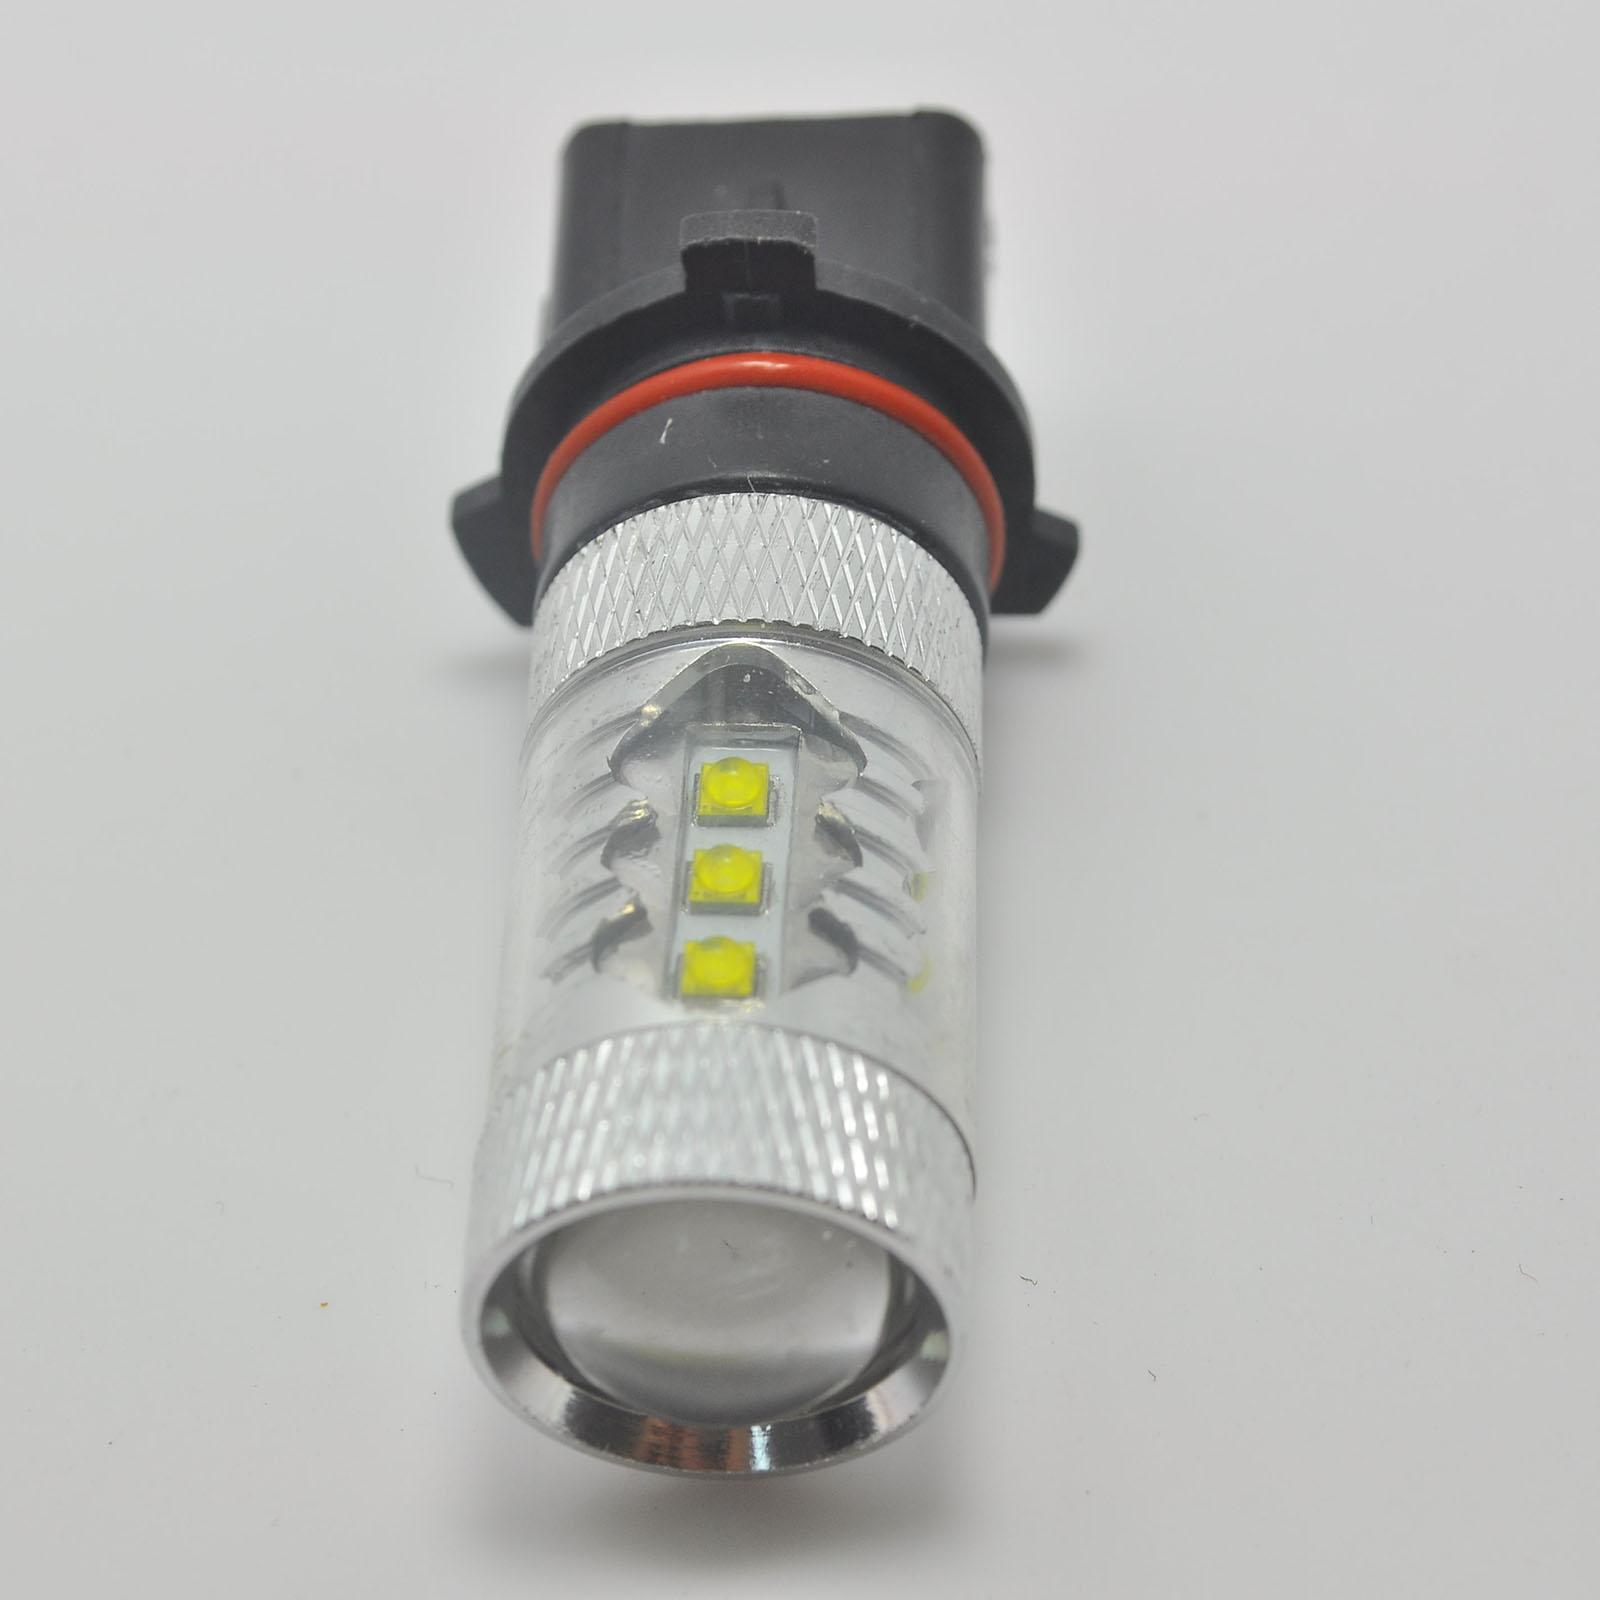 Car Lights Headlight Bulbs Car Xenon White 80W P13W Bulbs For Audi A4 Q5  Daytime Running Lights DRL High Quality P13w Led Bulbs China Car Xenon  Suppliers ...